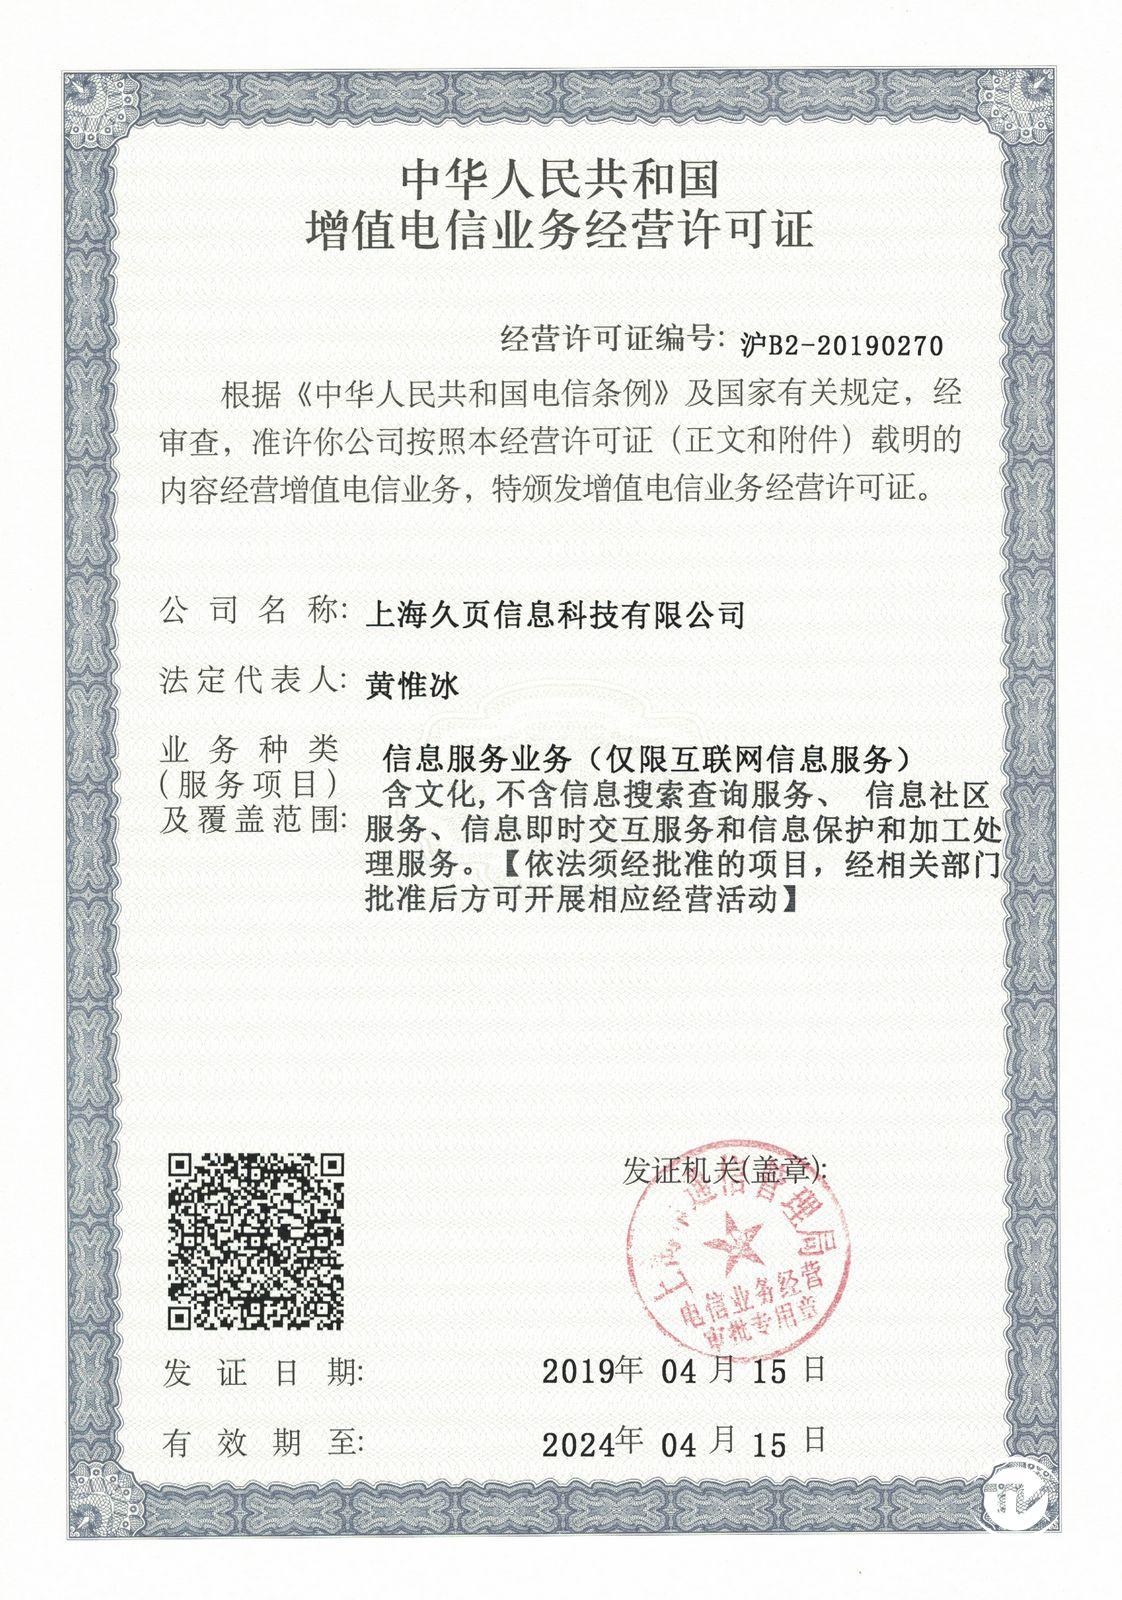 久頁ICP證(增值電信業務許可證)201904 (1).jpg